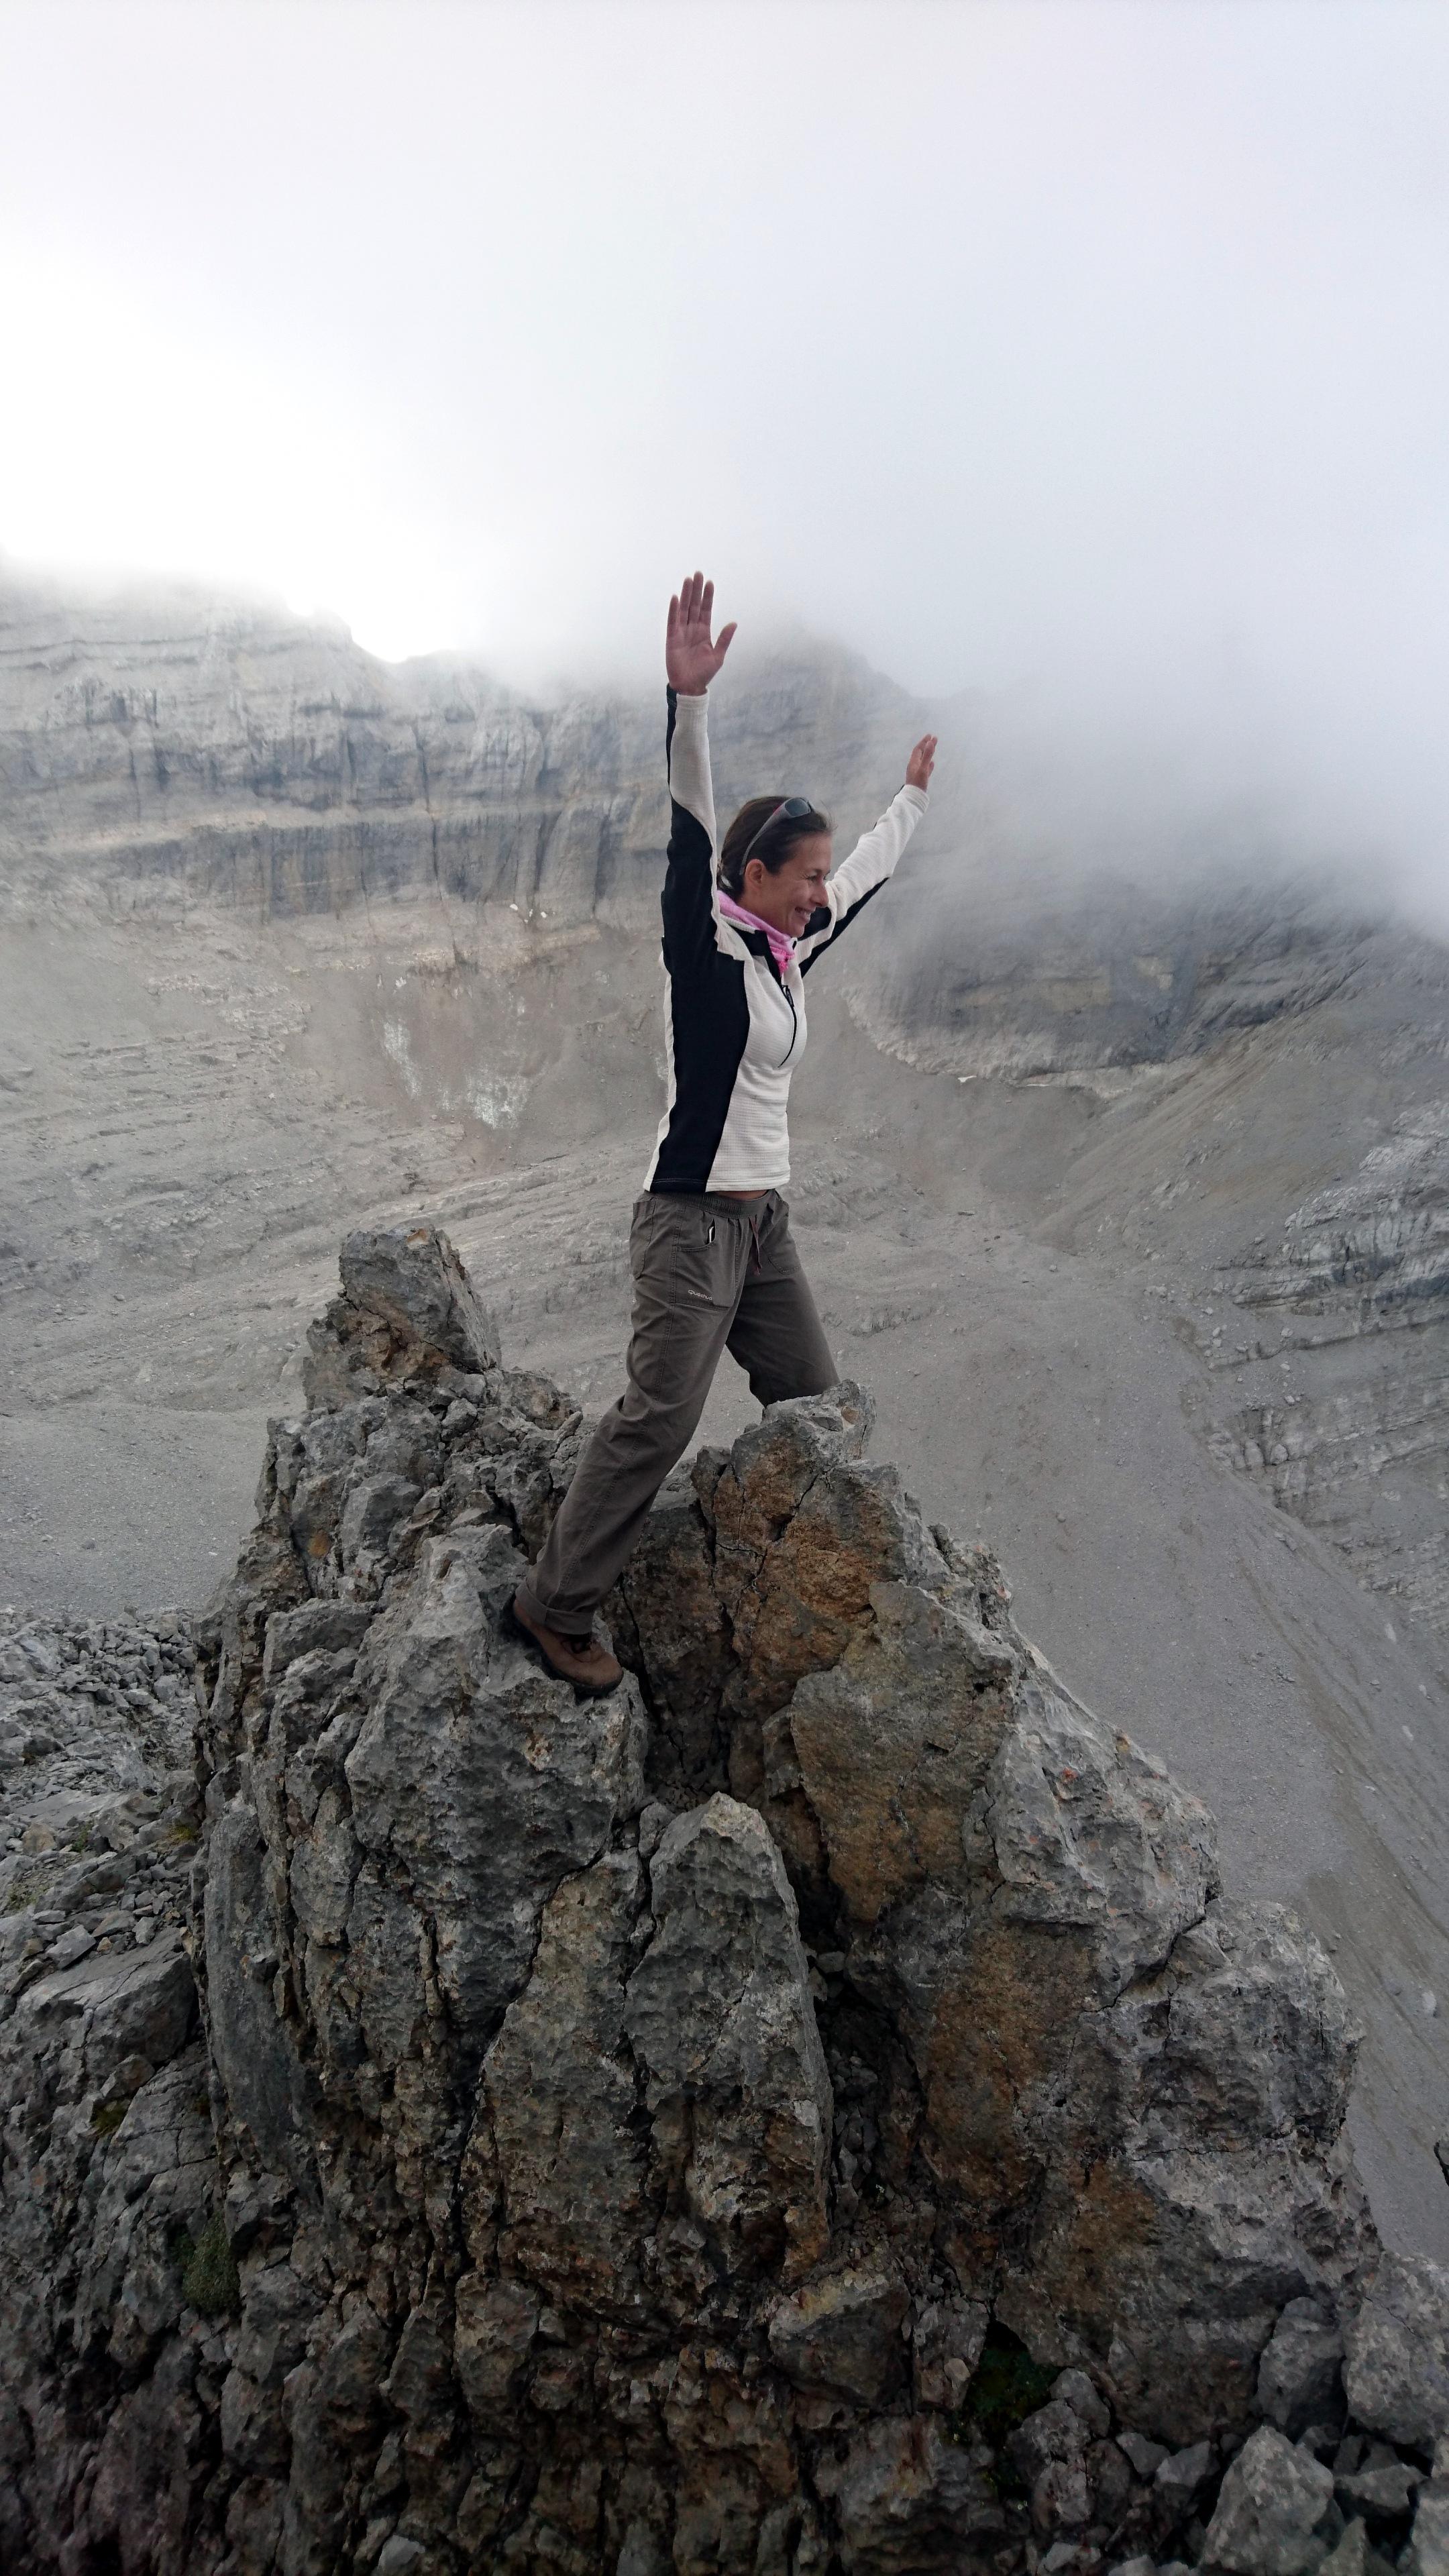 Erica fa l'equilibrista in uno dei punti esposti della cresta